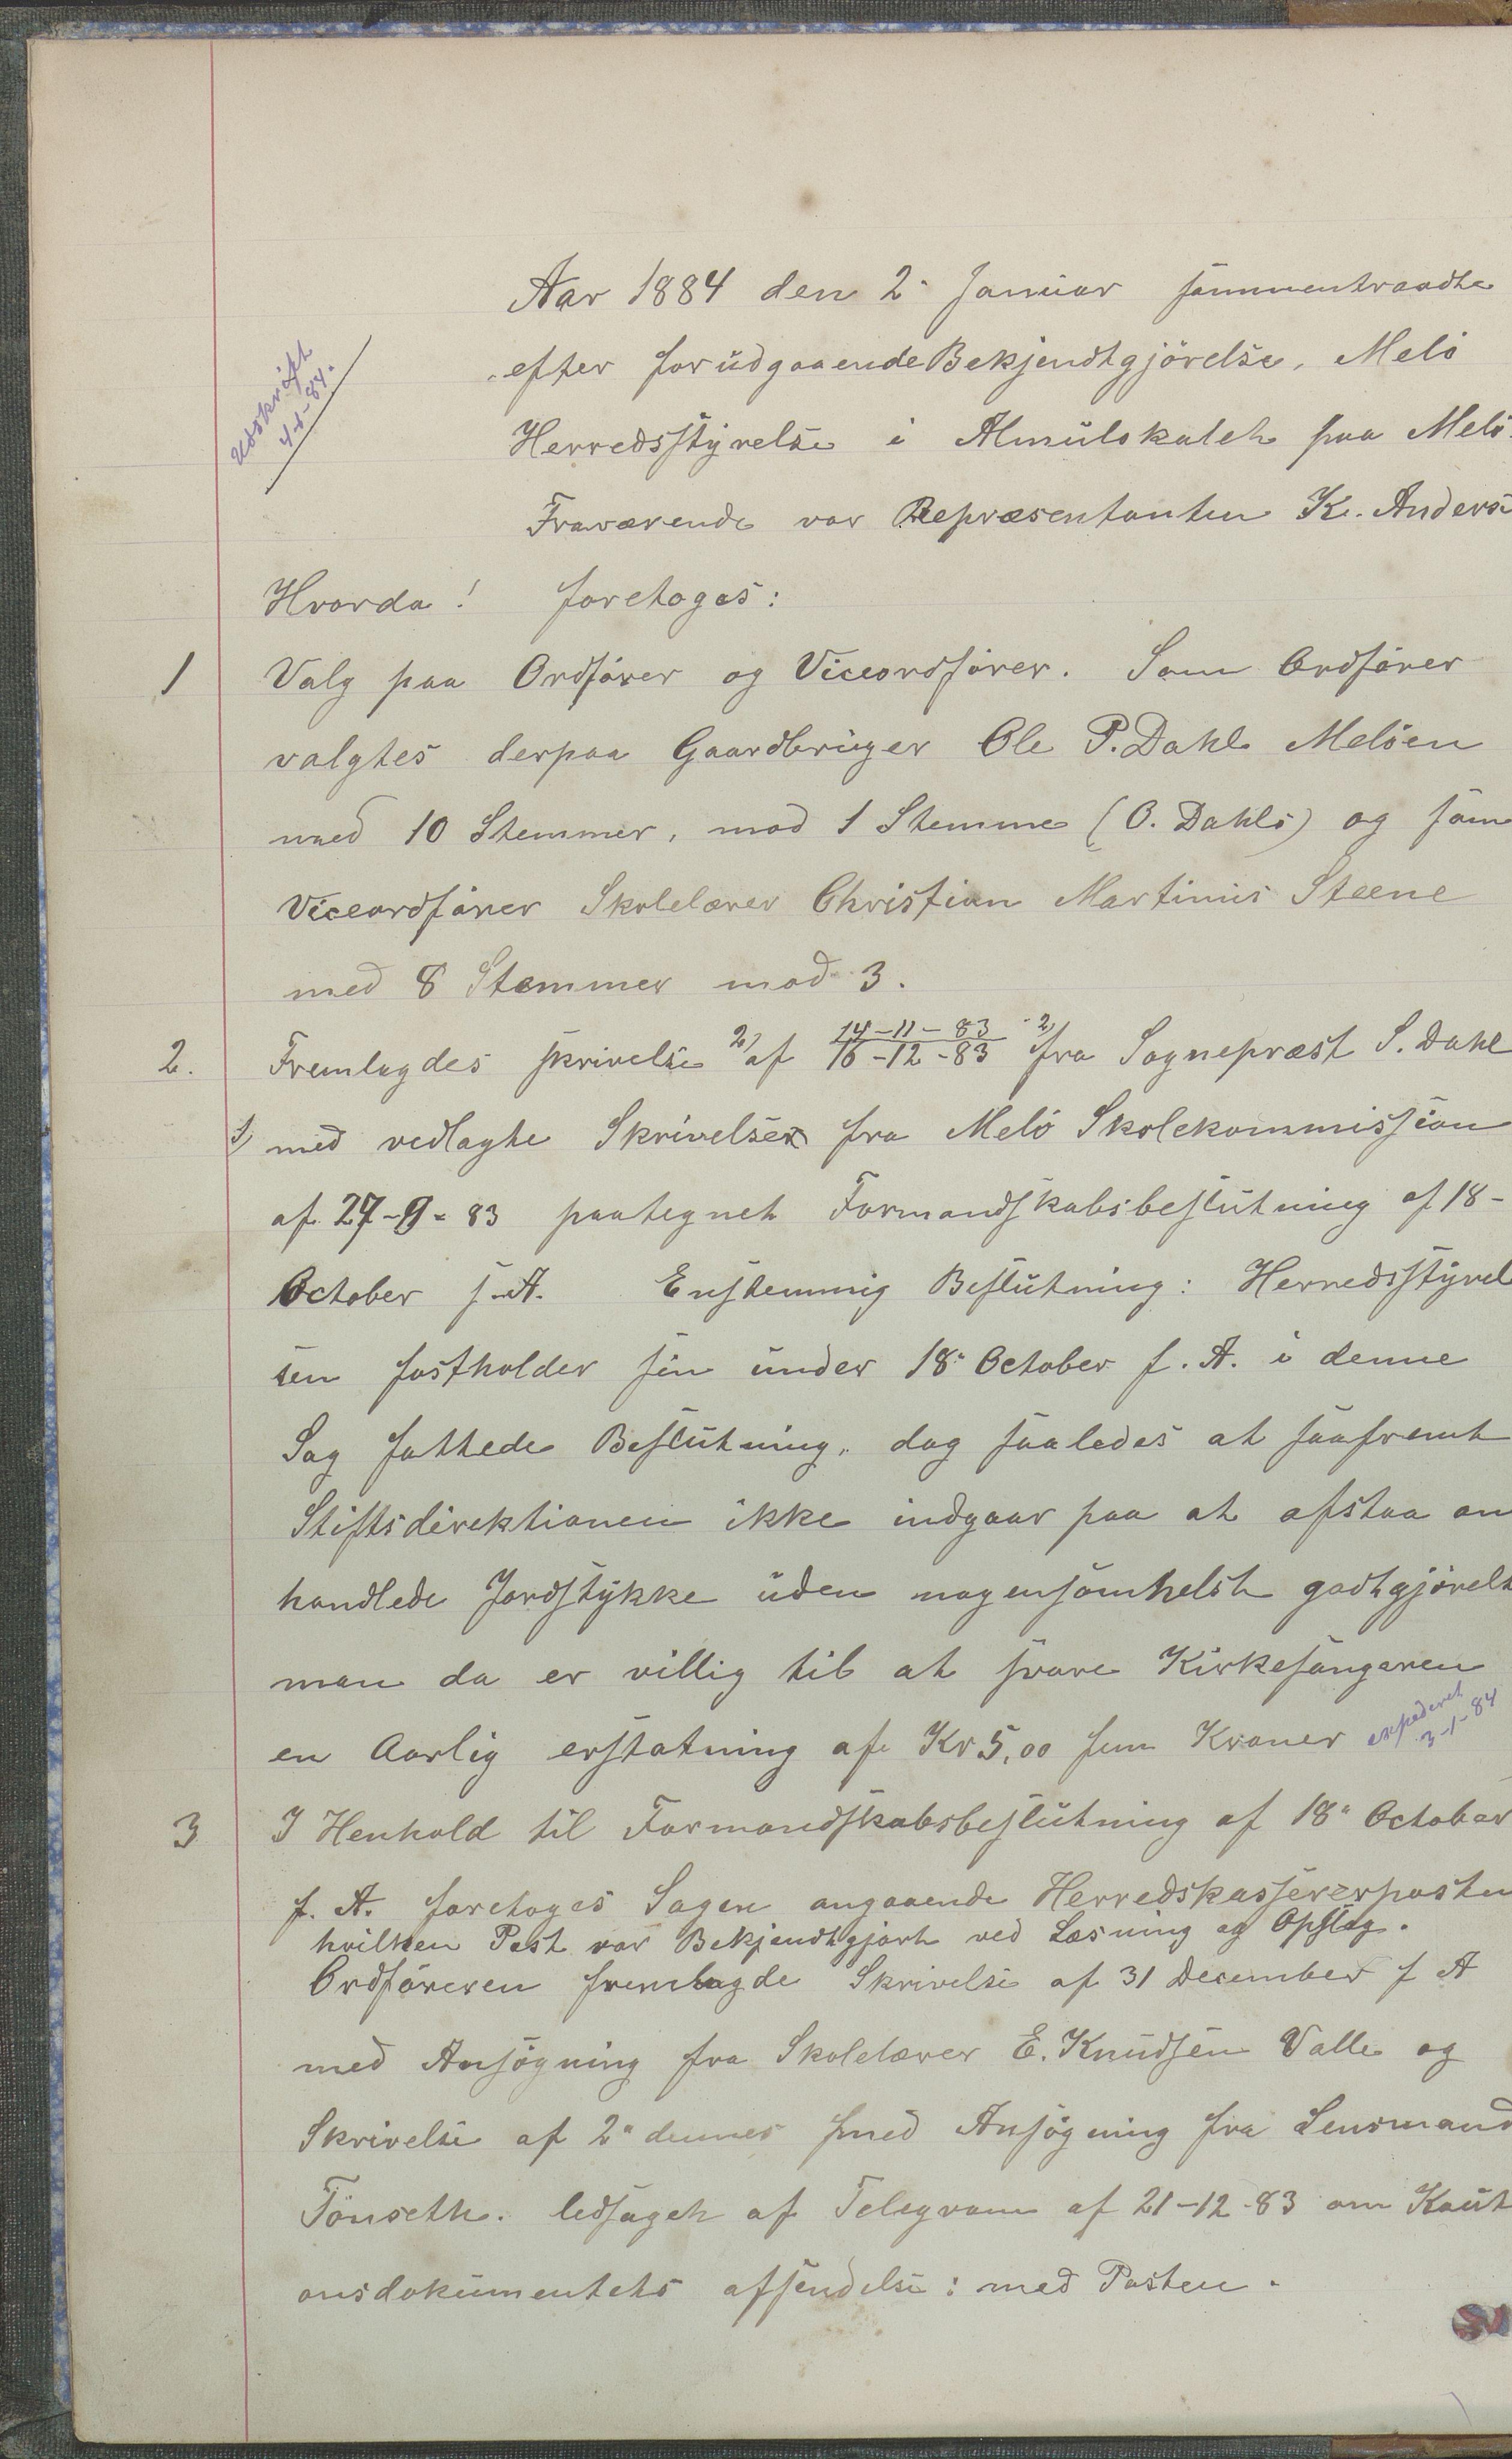 AIN, Meløy kommune. Formannskapet, 100/L0001: Forhandlingsprotokoll, 1884-1895, s. 0b